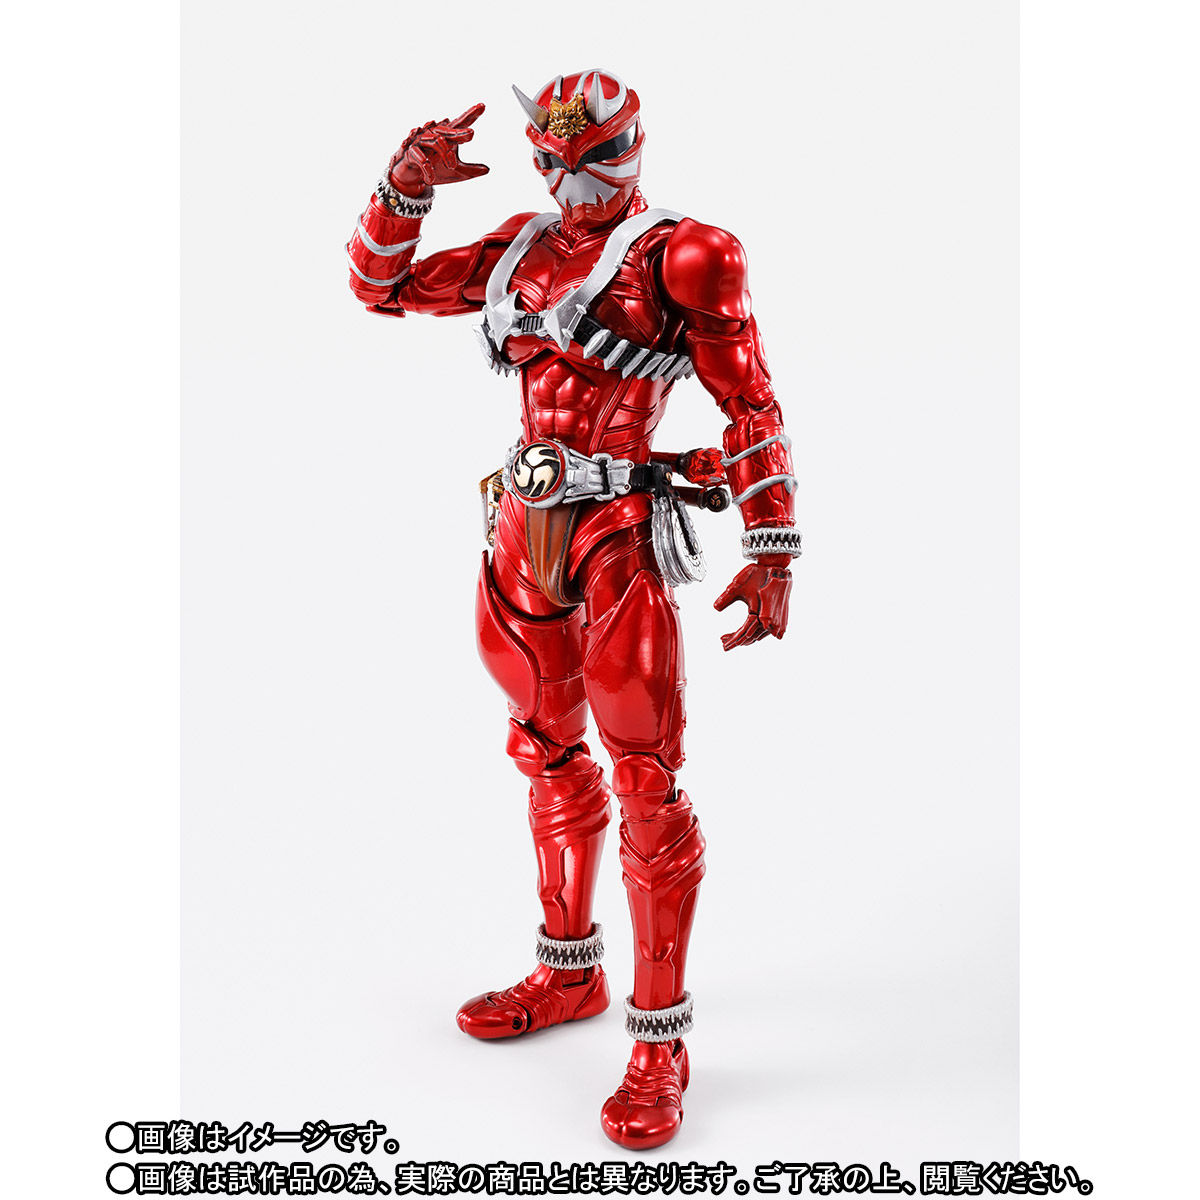 S H Figuarts Shinkocchou Seihou Kamen Rider Hibiki Kurenai Release Details Tokunation